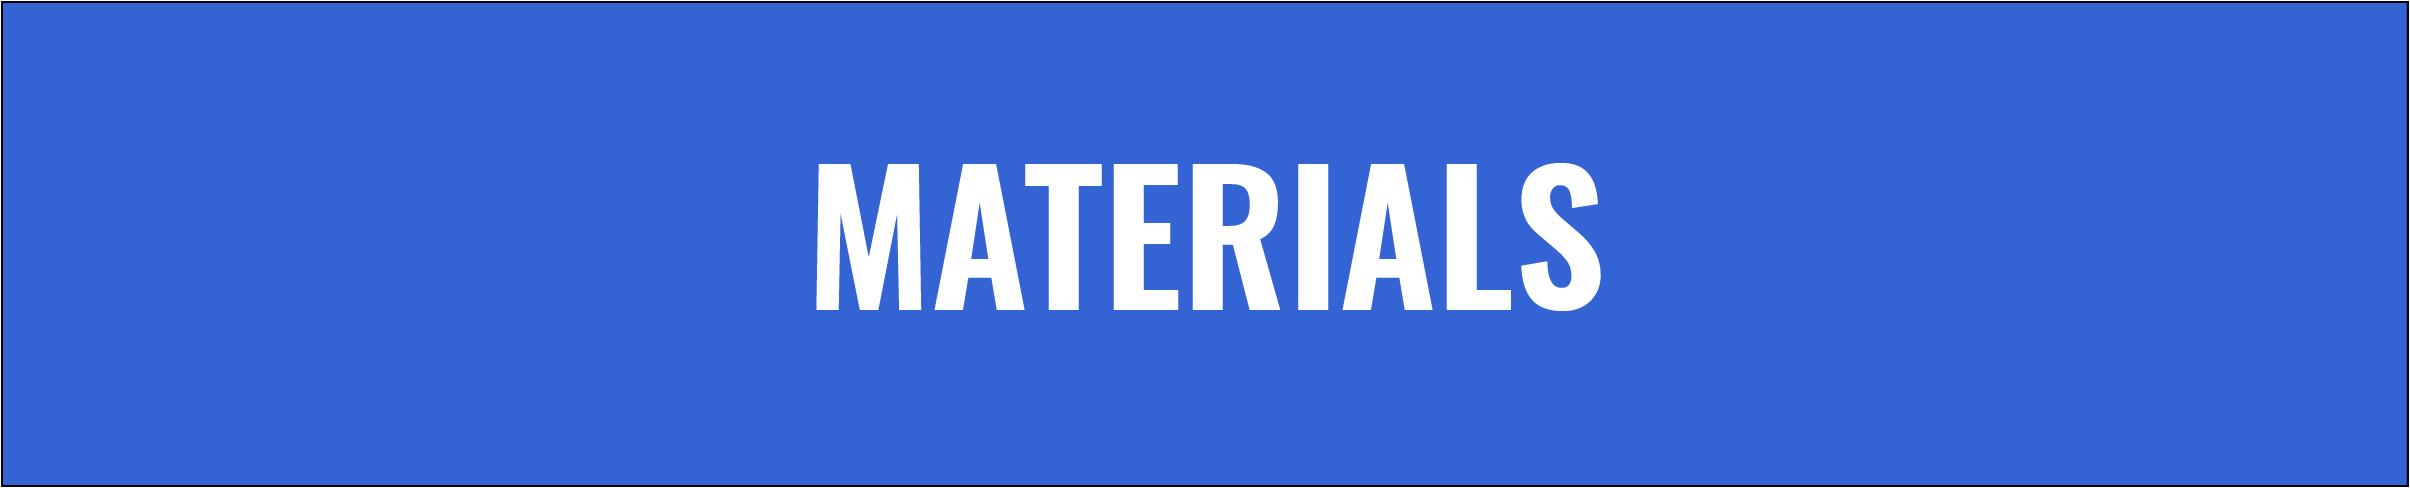 Norm_materials.png